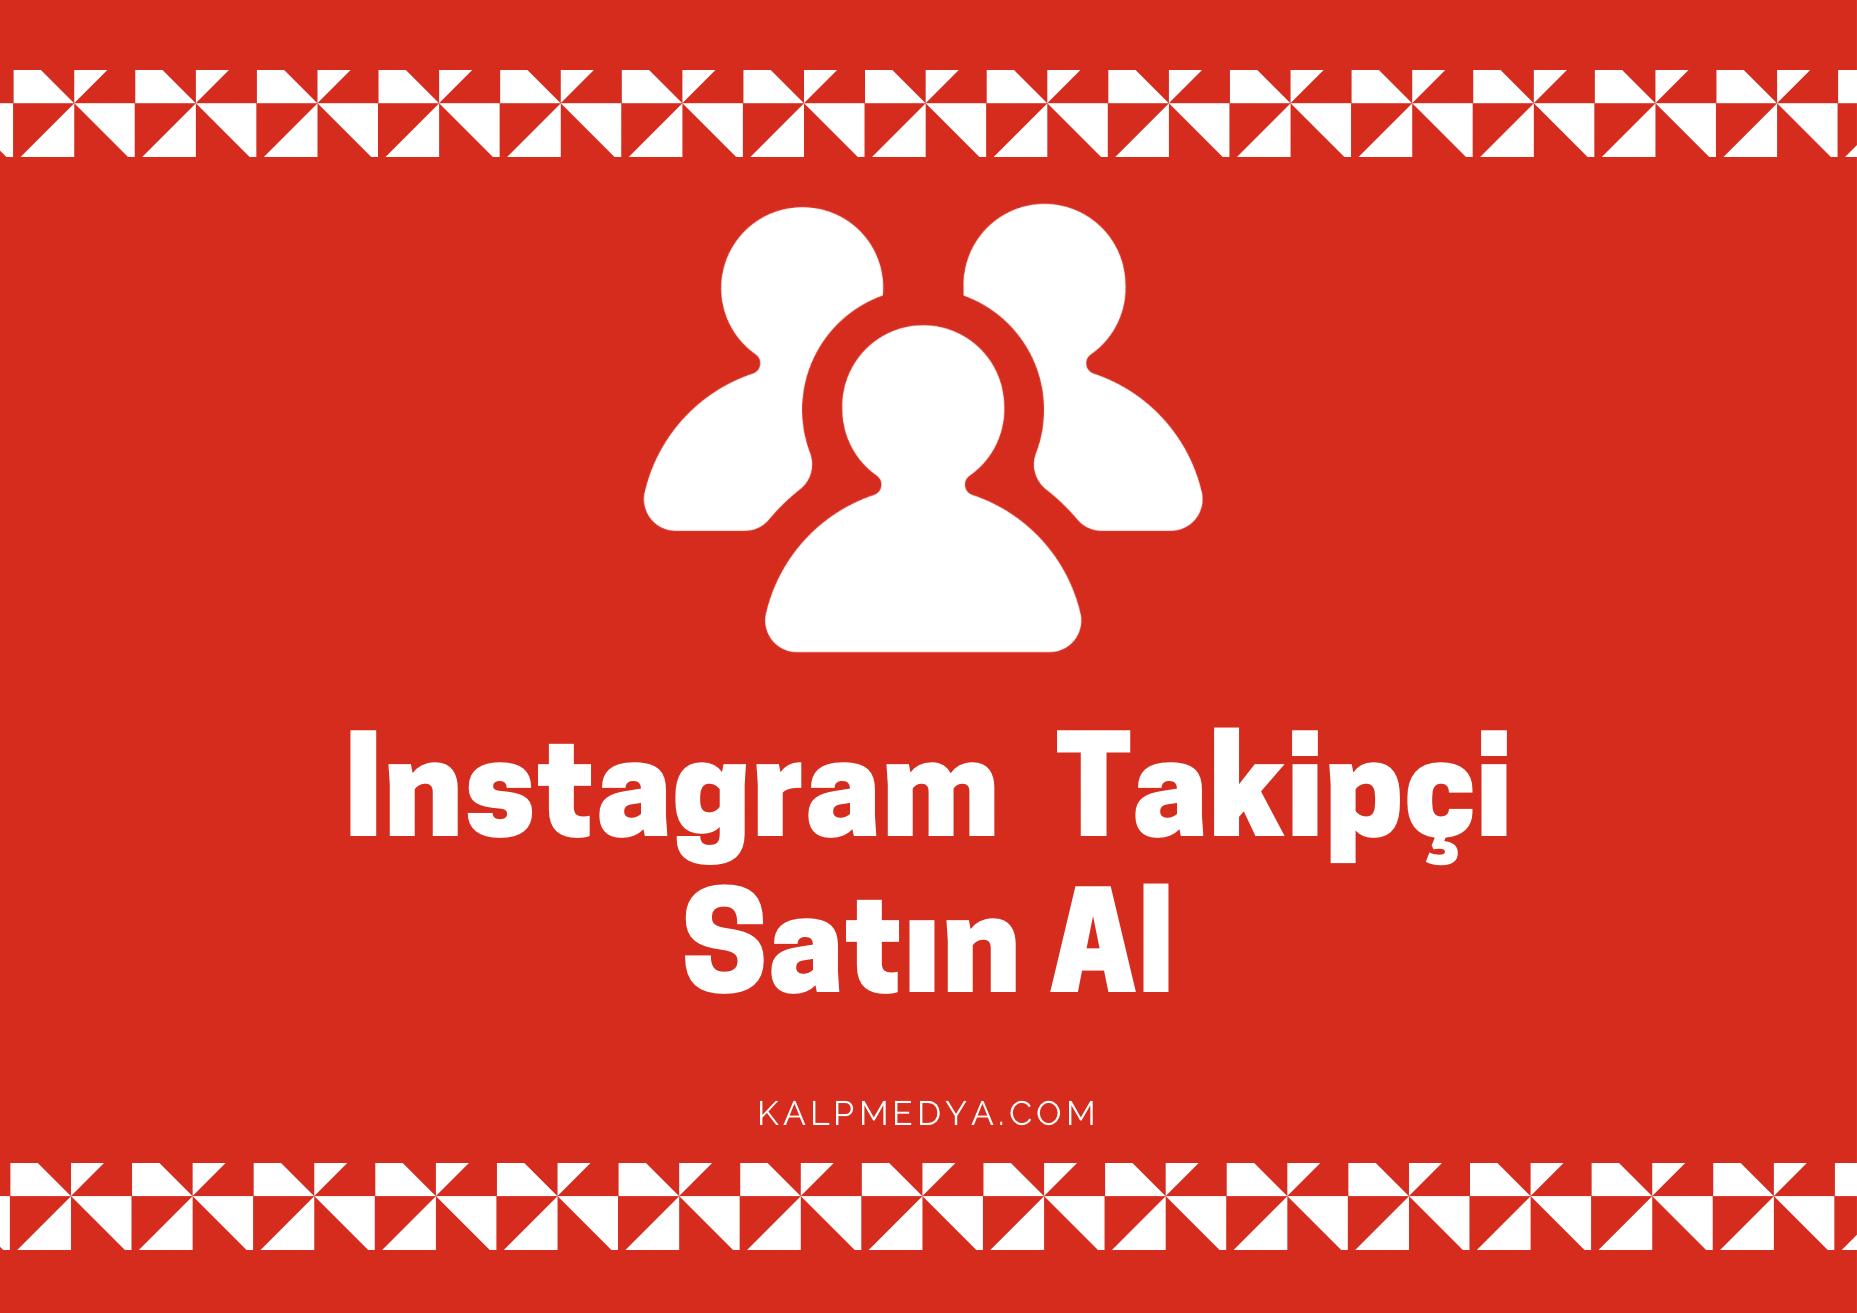 Instagram Takipçi Satın Al Görseli